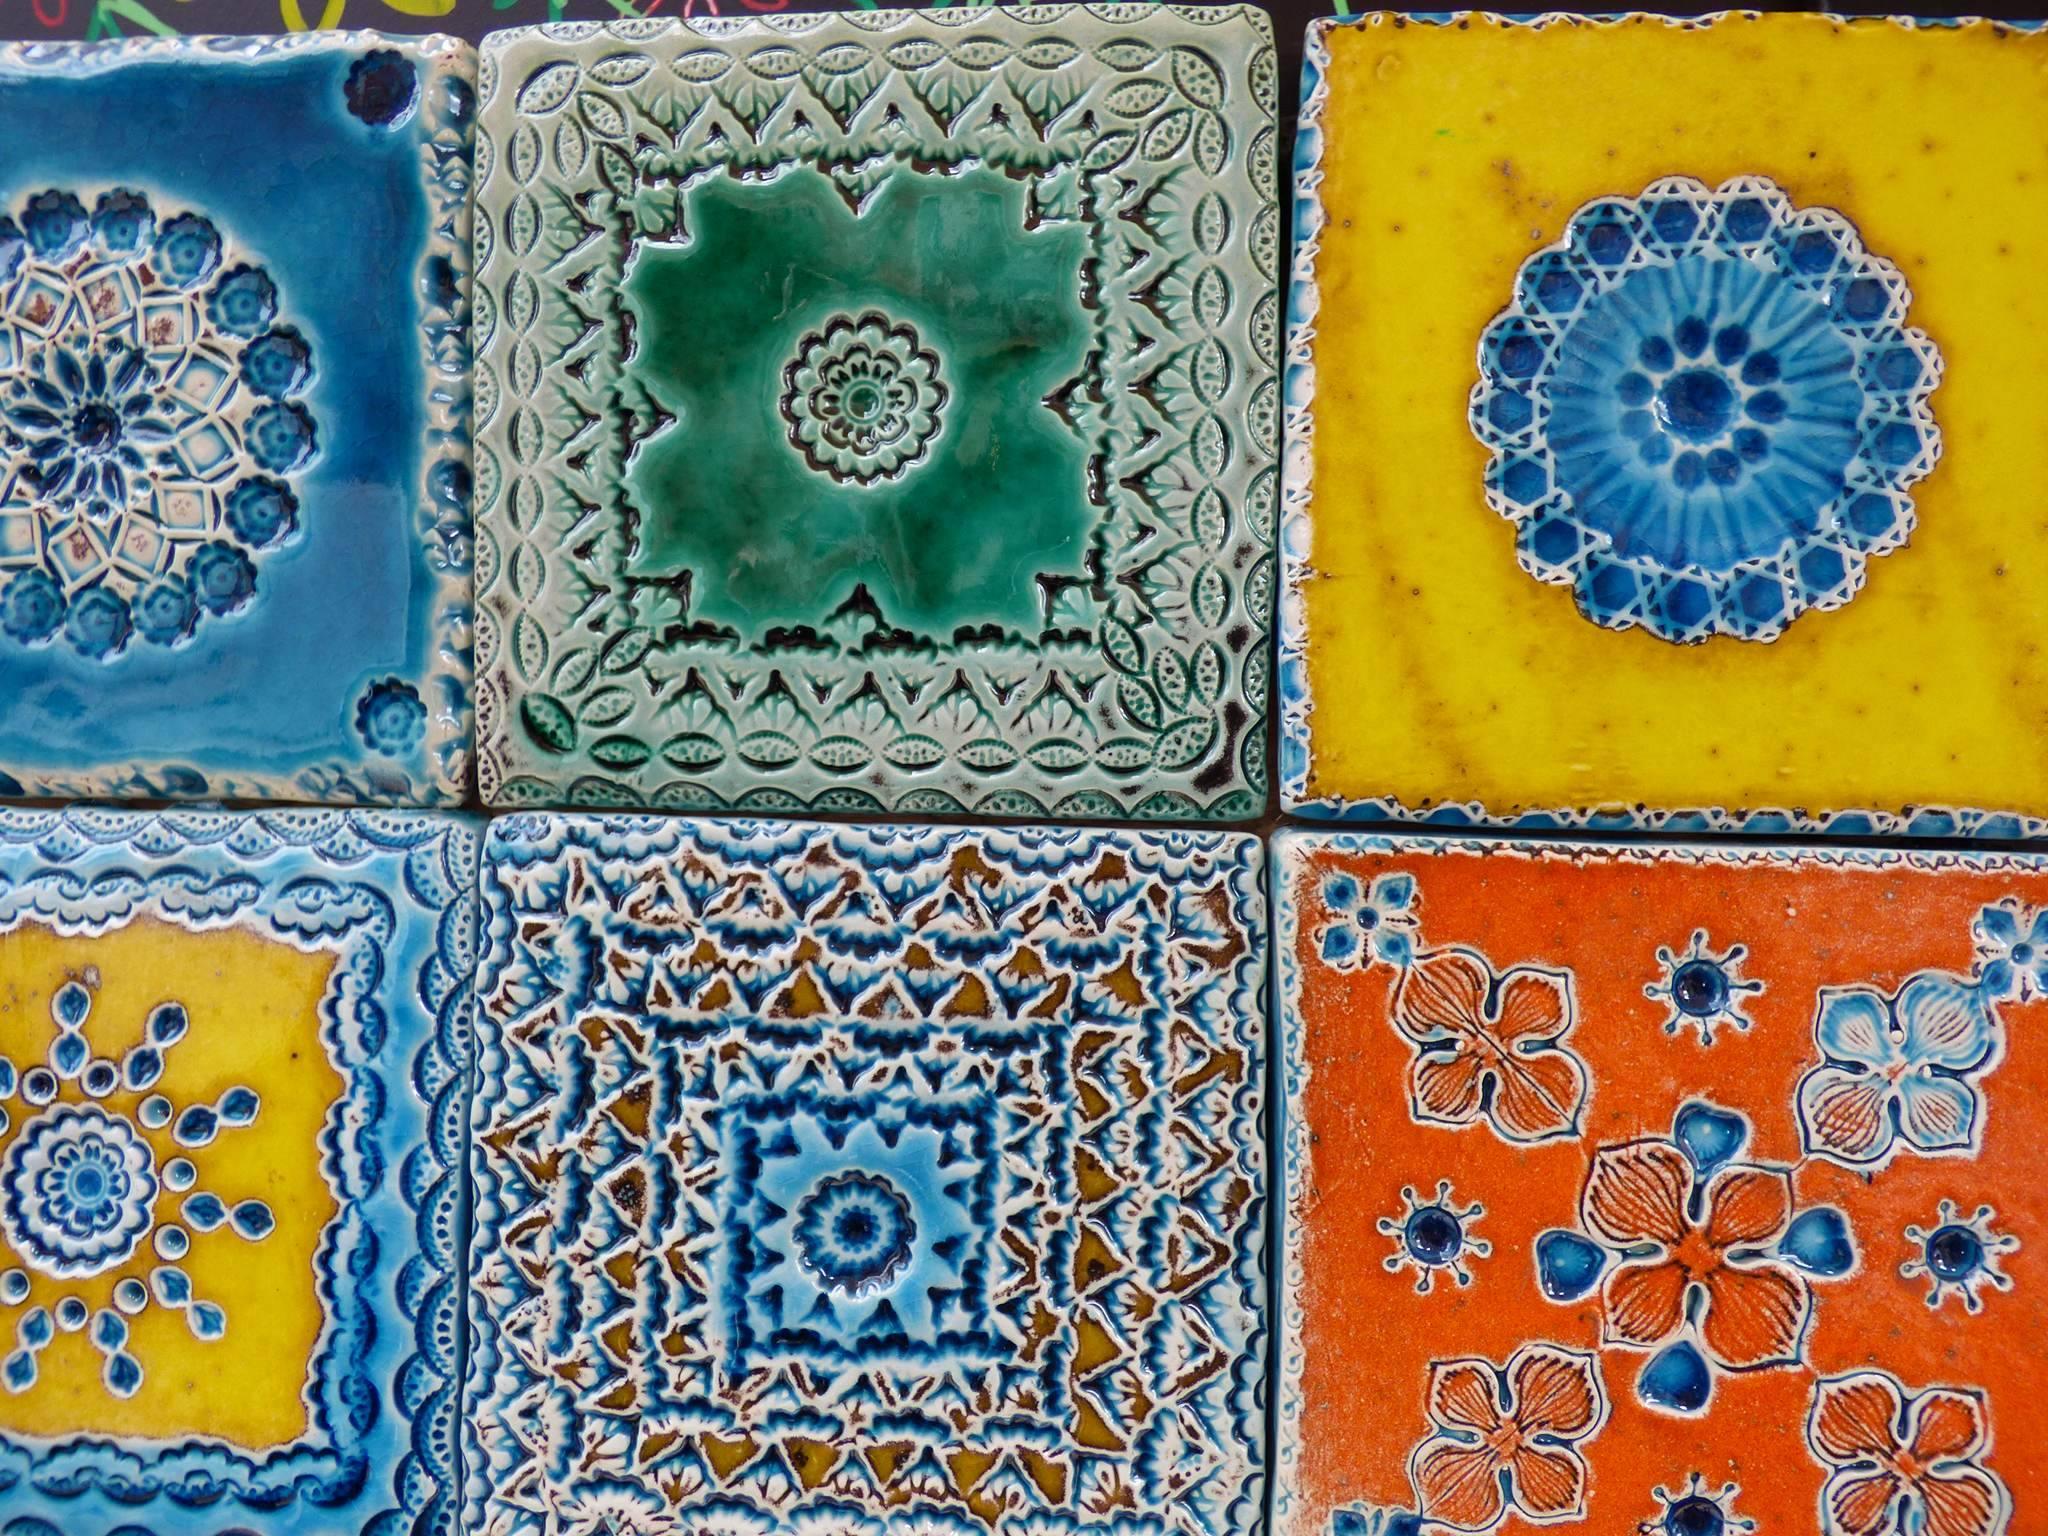 Les azulejos